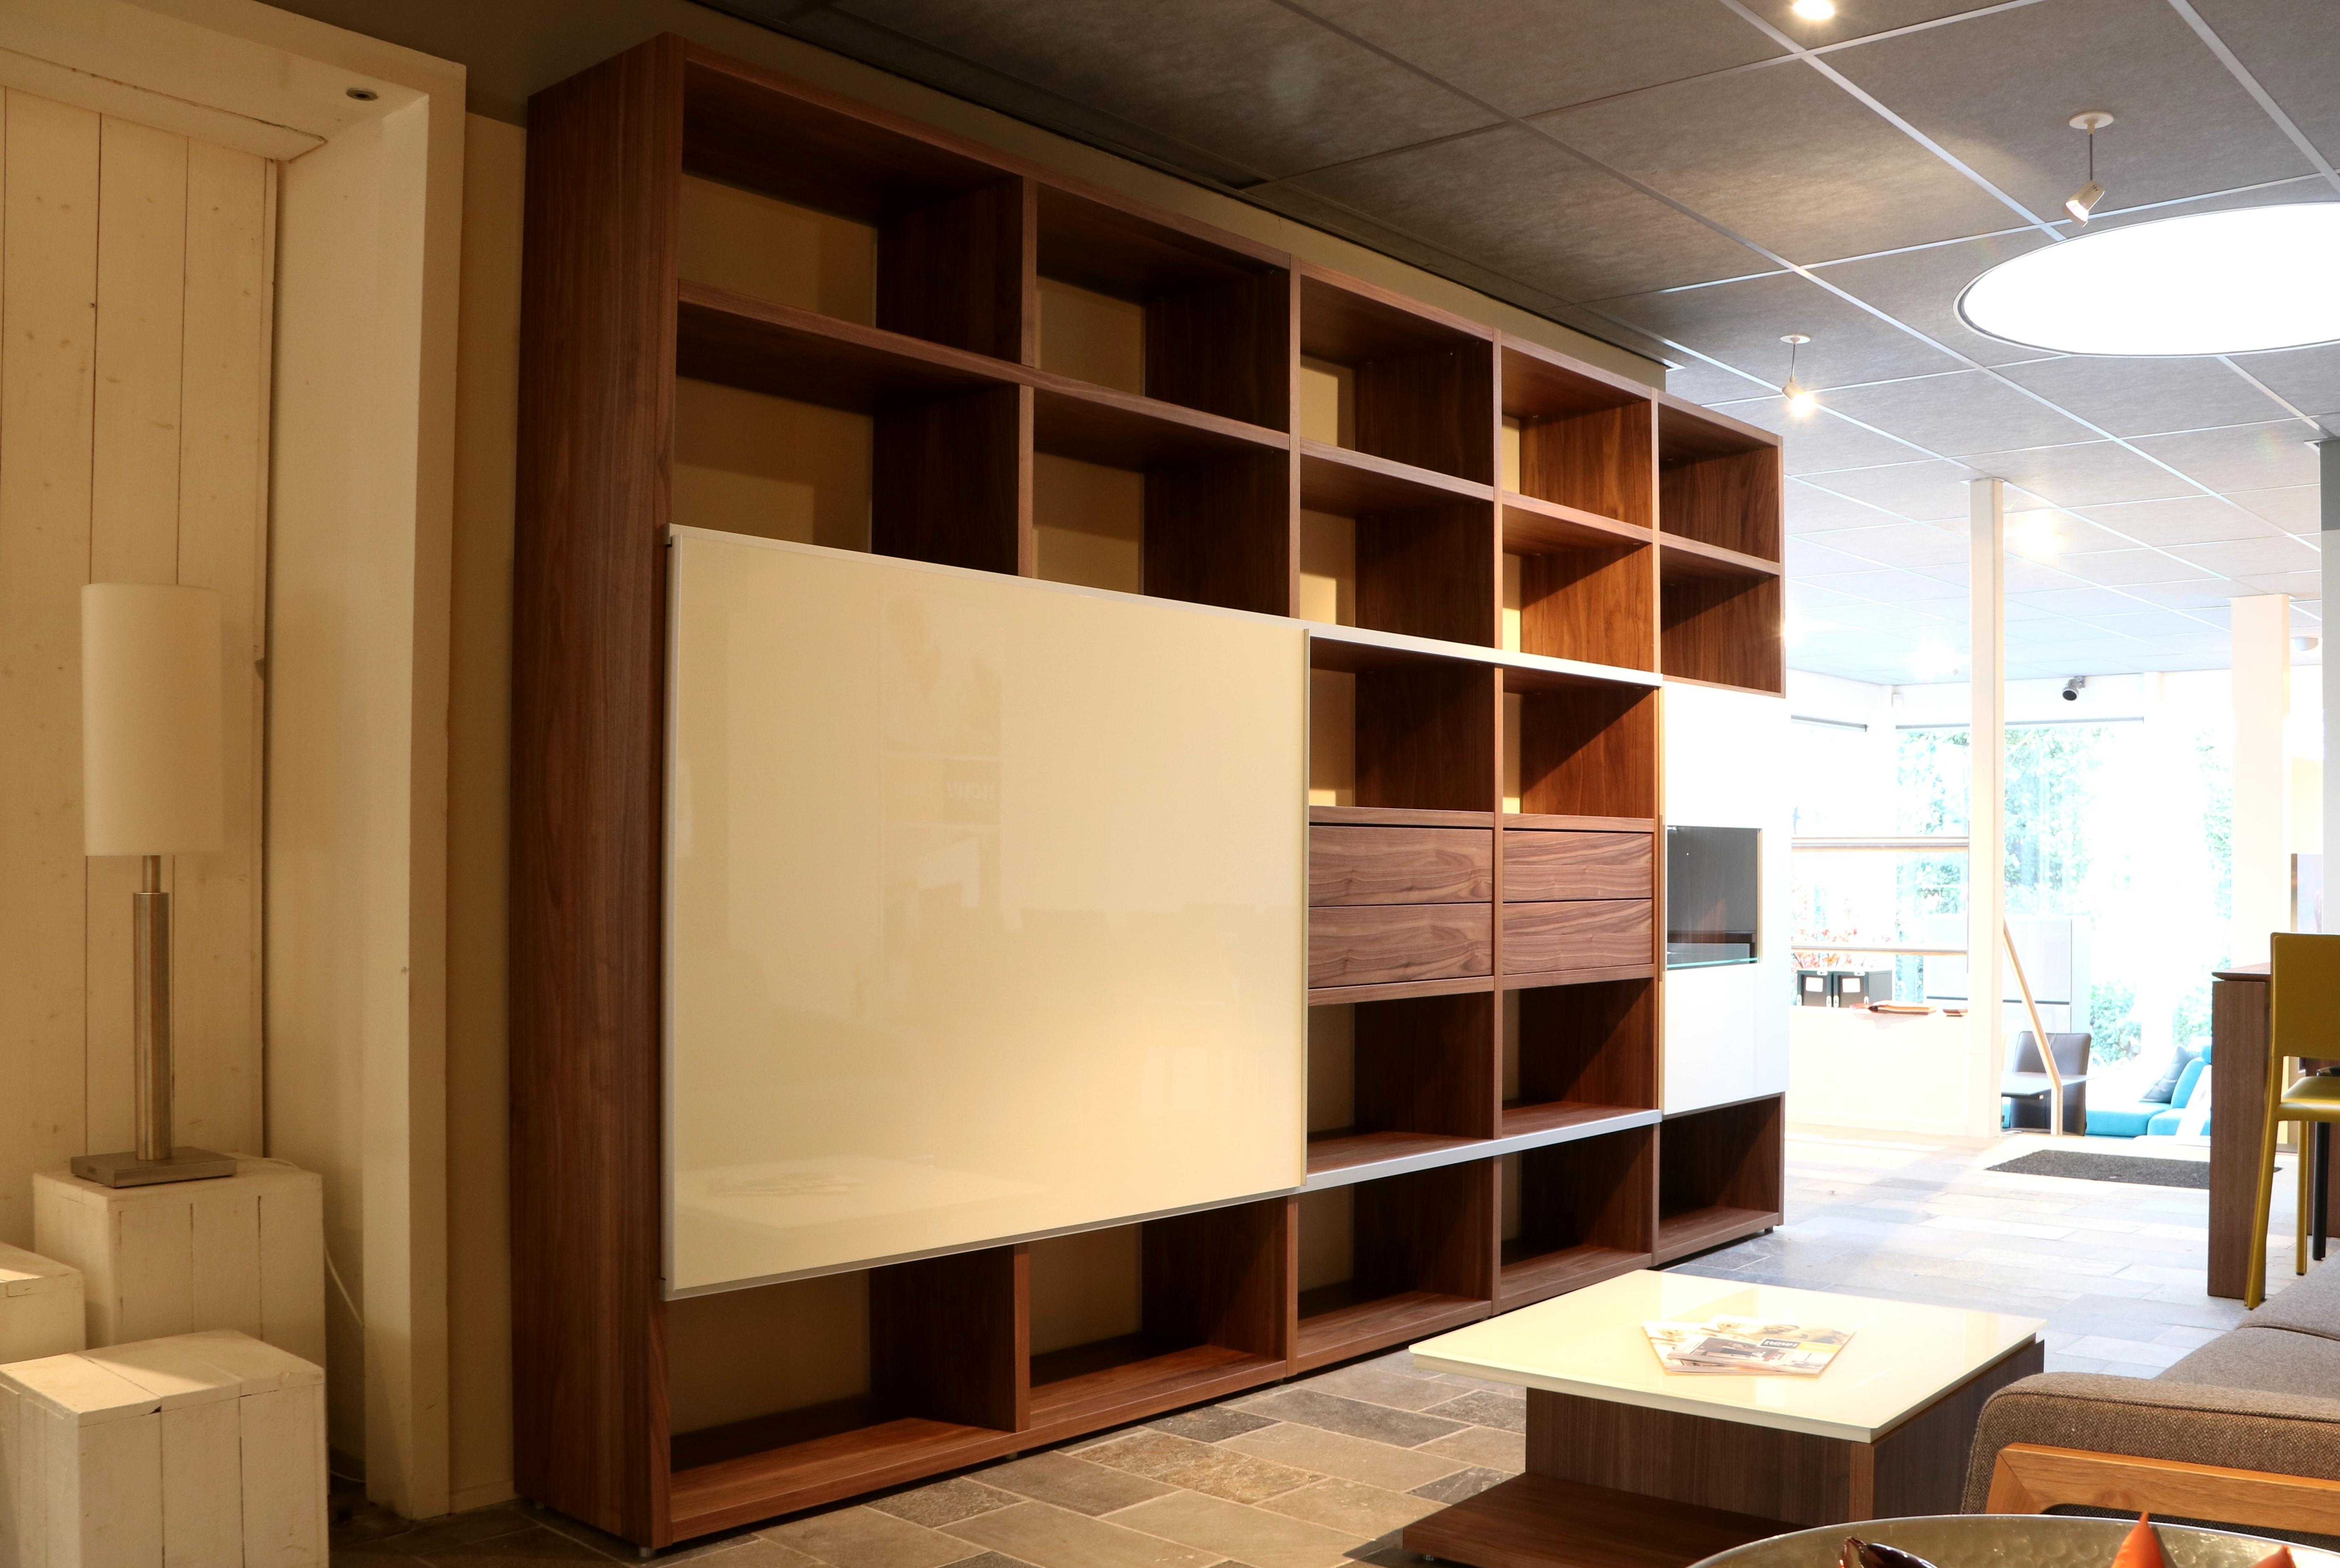 Meeks meubelen ruurlo moderne woonmeubelen!